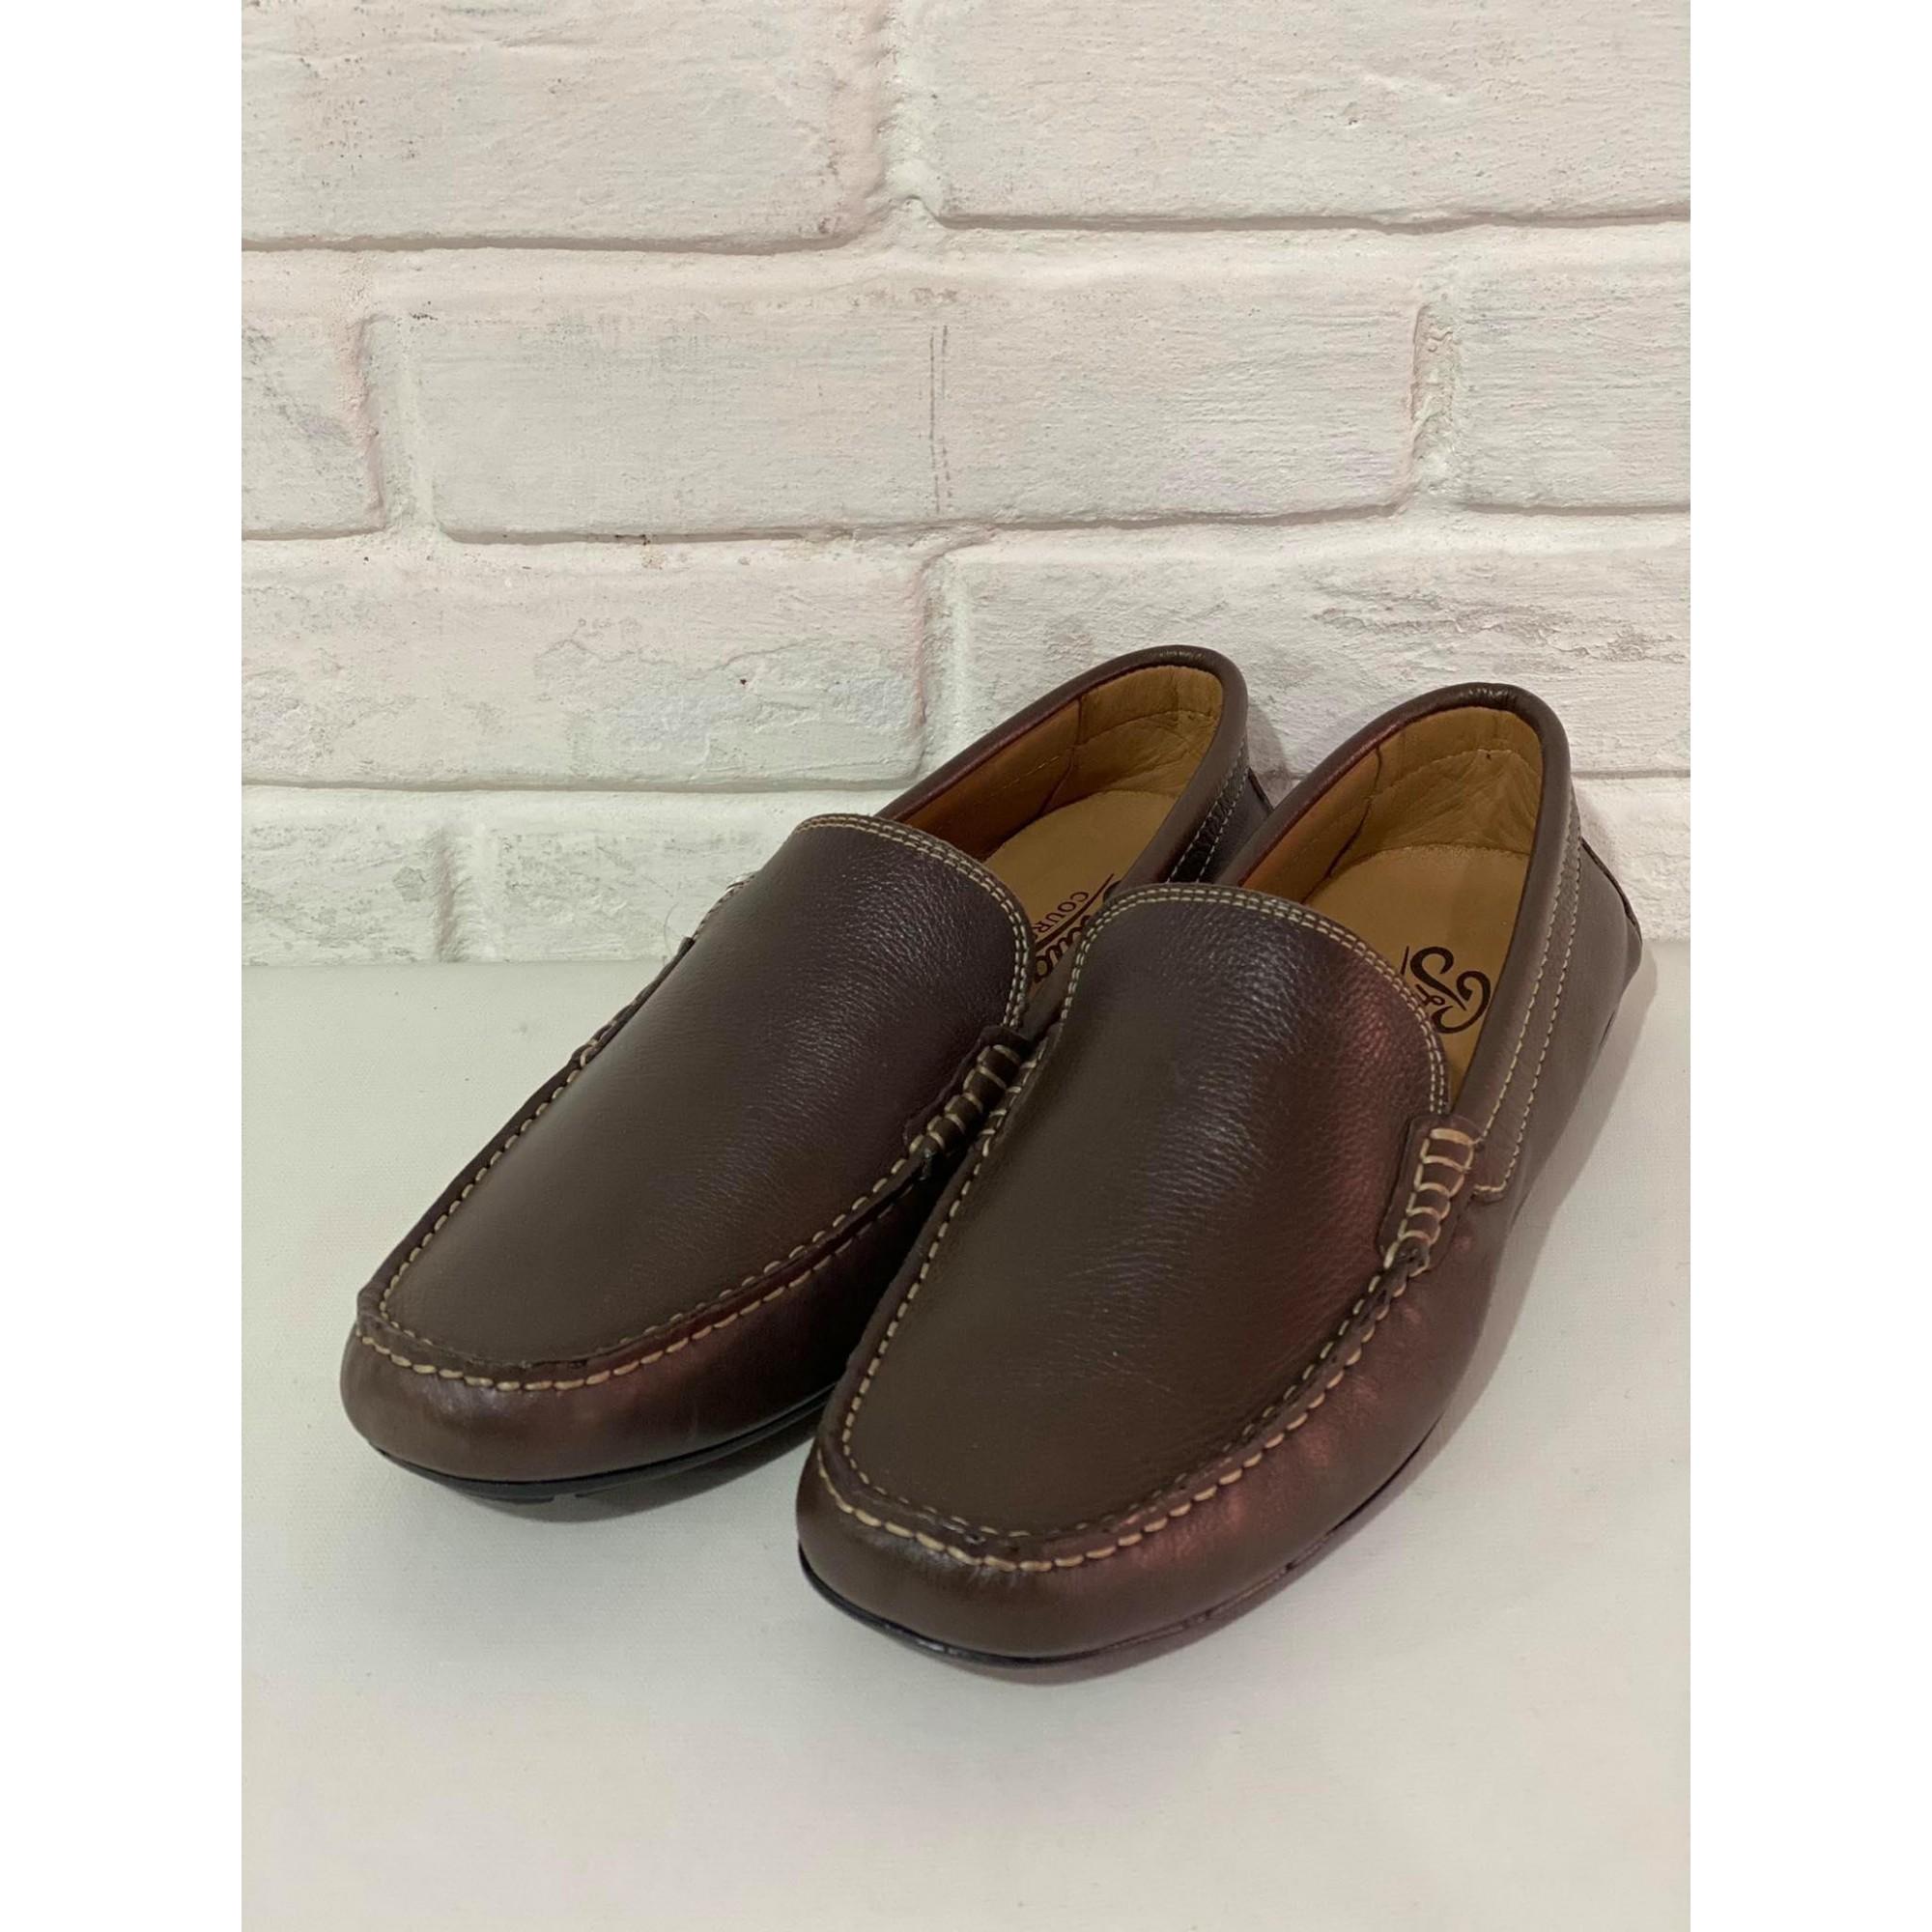 Sapato Masculino Prata Couro 2230 Jovac